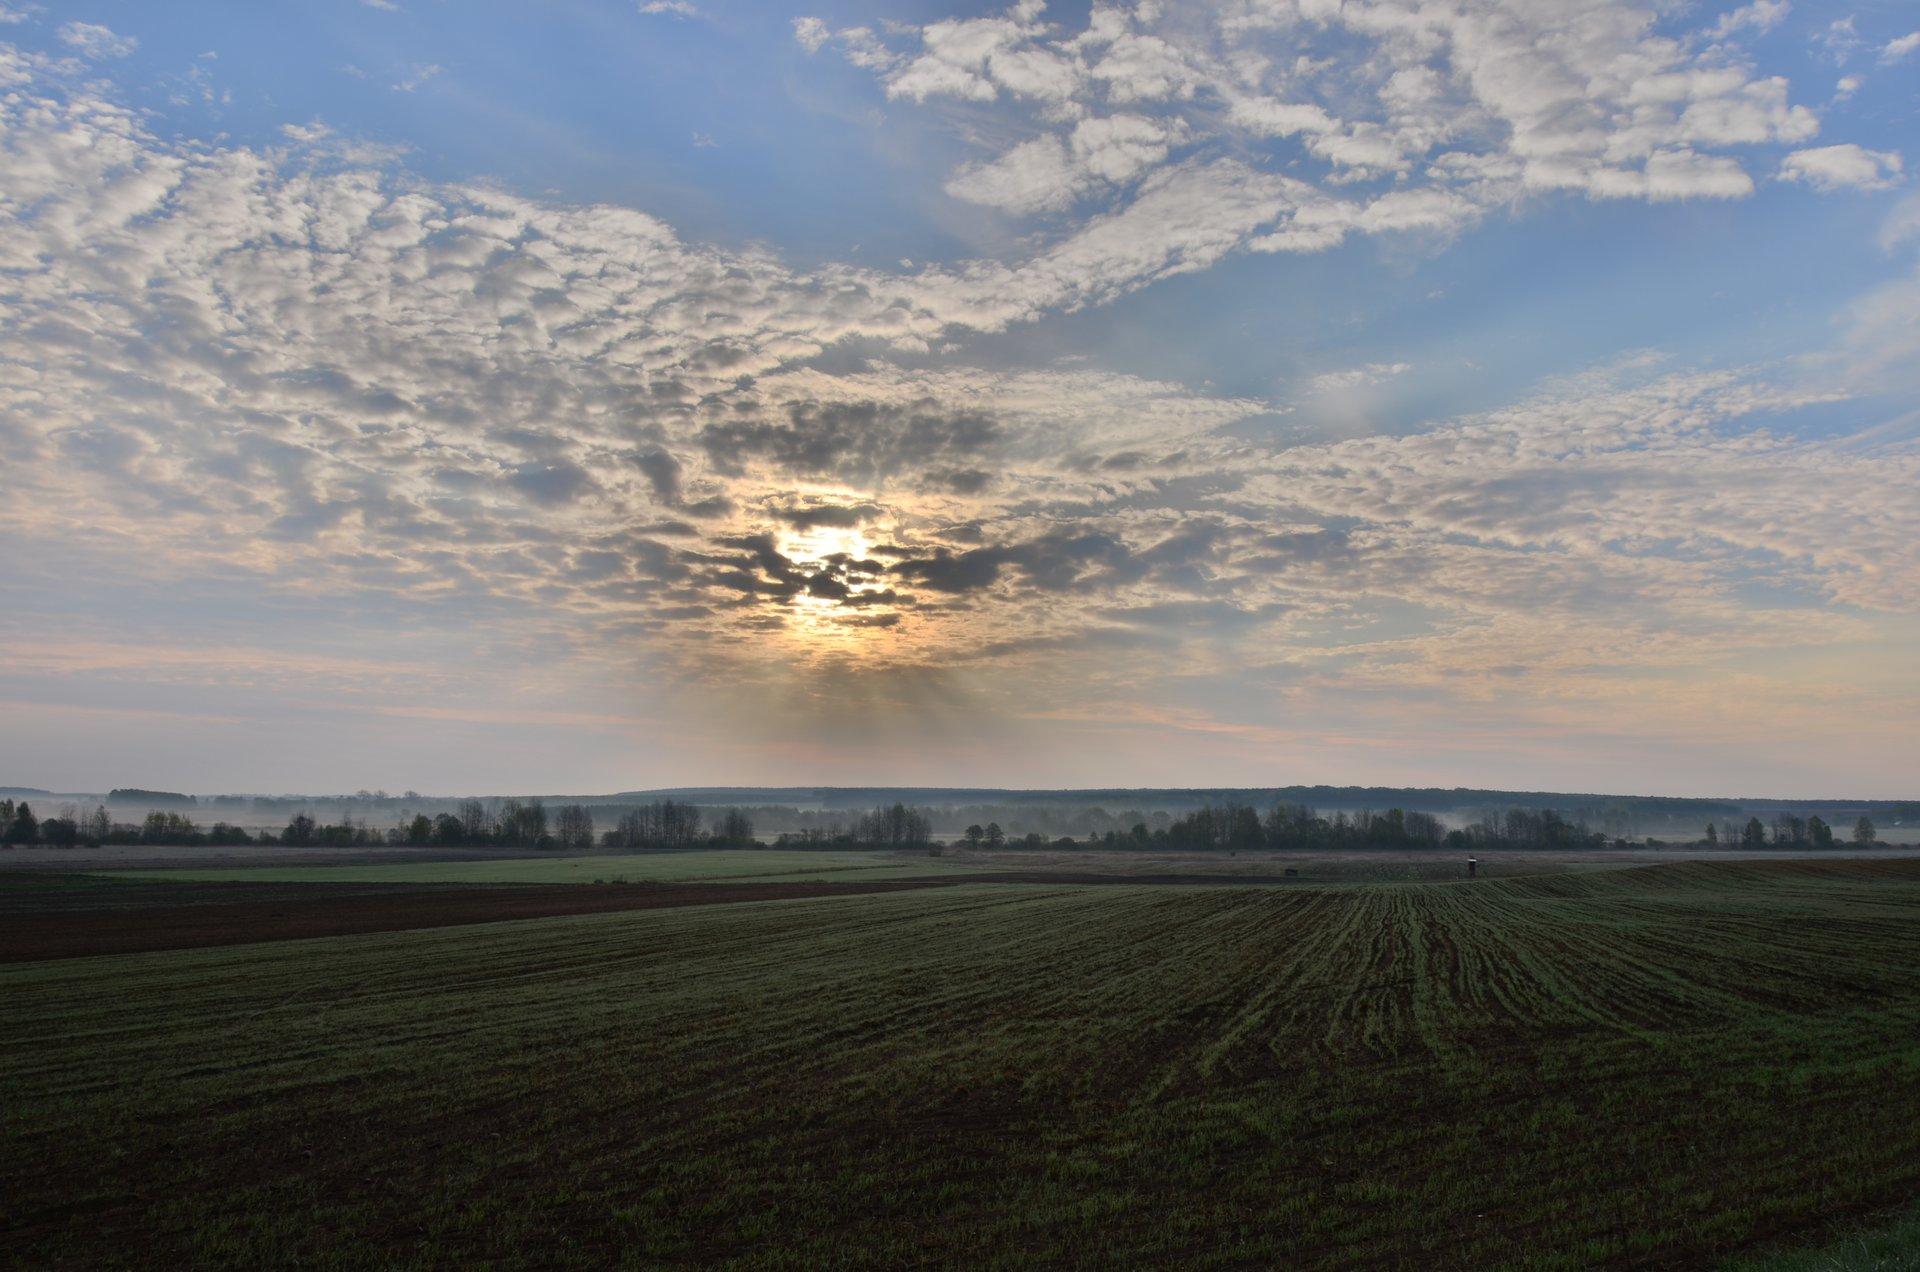 pole wschód słońca świtfree photo darmowe zdjęcie